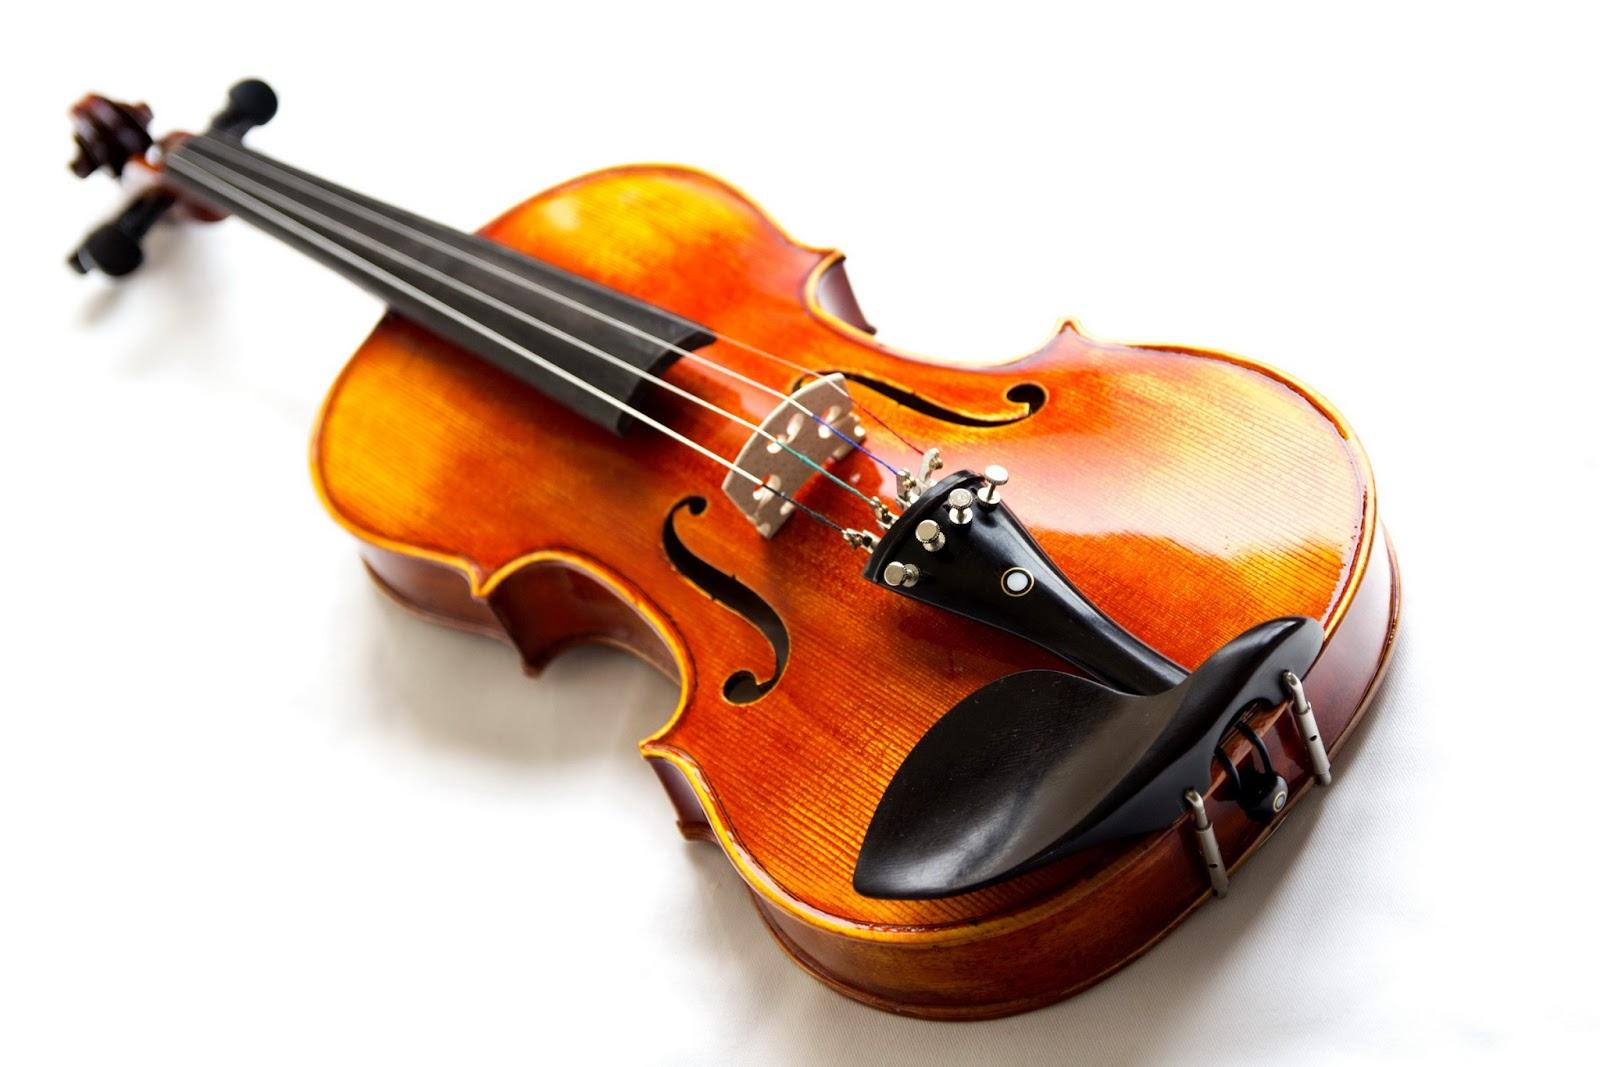 Violin Wallpaper: Violin Wallpaper